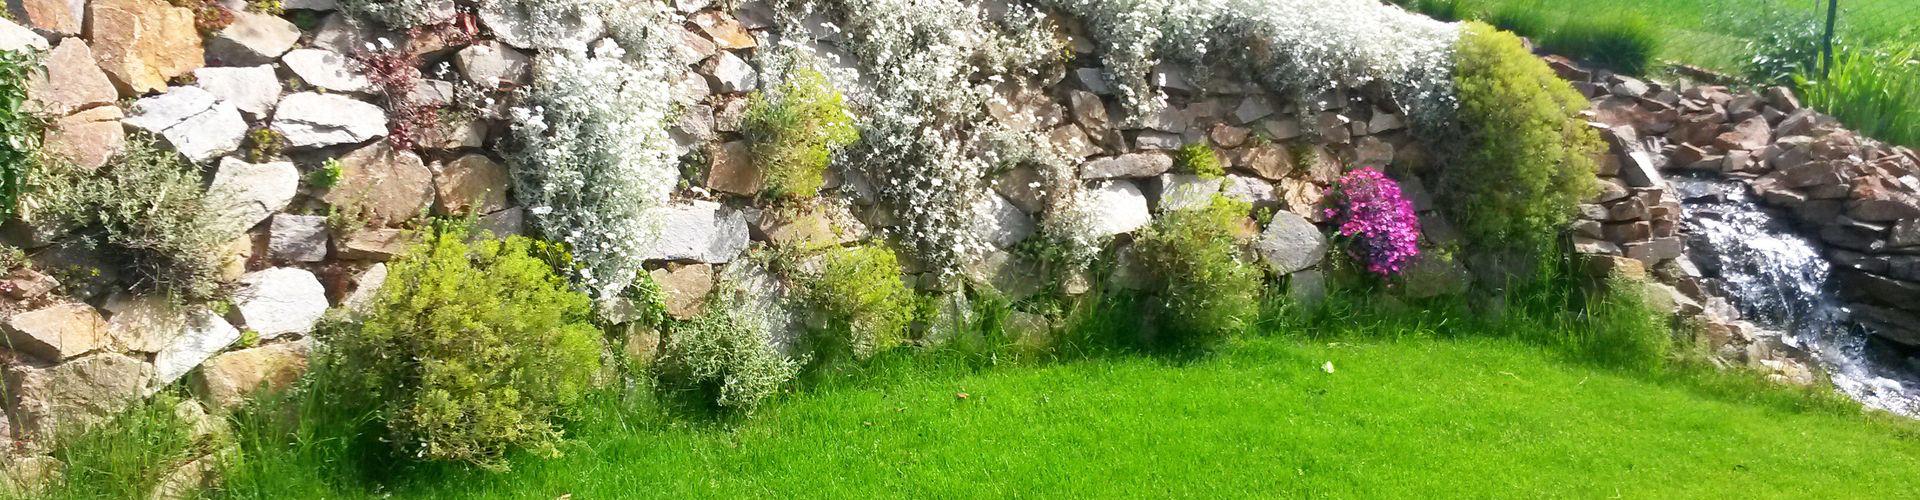 zahrady-2